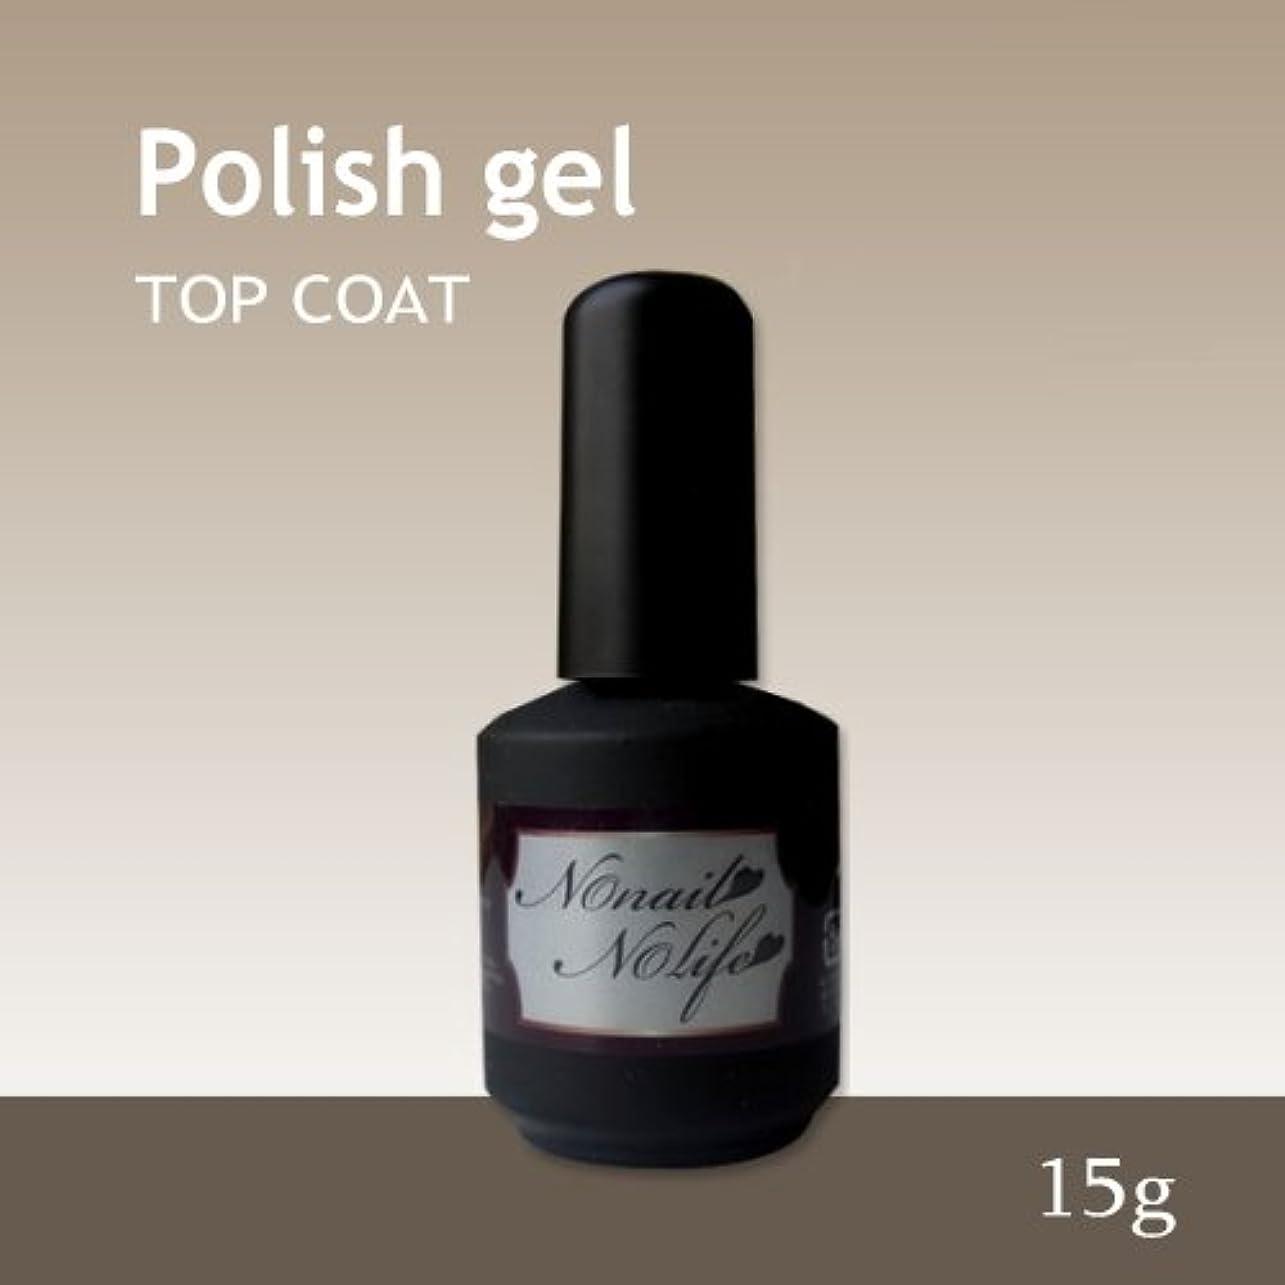 鍔掘る復活するジェルネイル《爪に優しいトップコートジェル》Natural Polish ポリッシュトップジェル(15g)